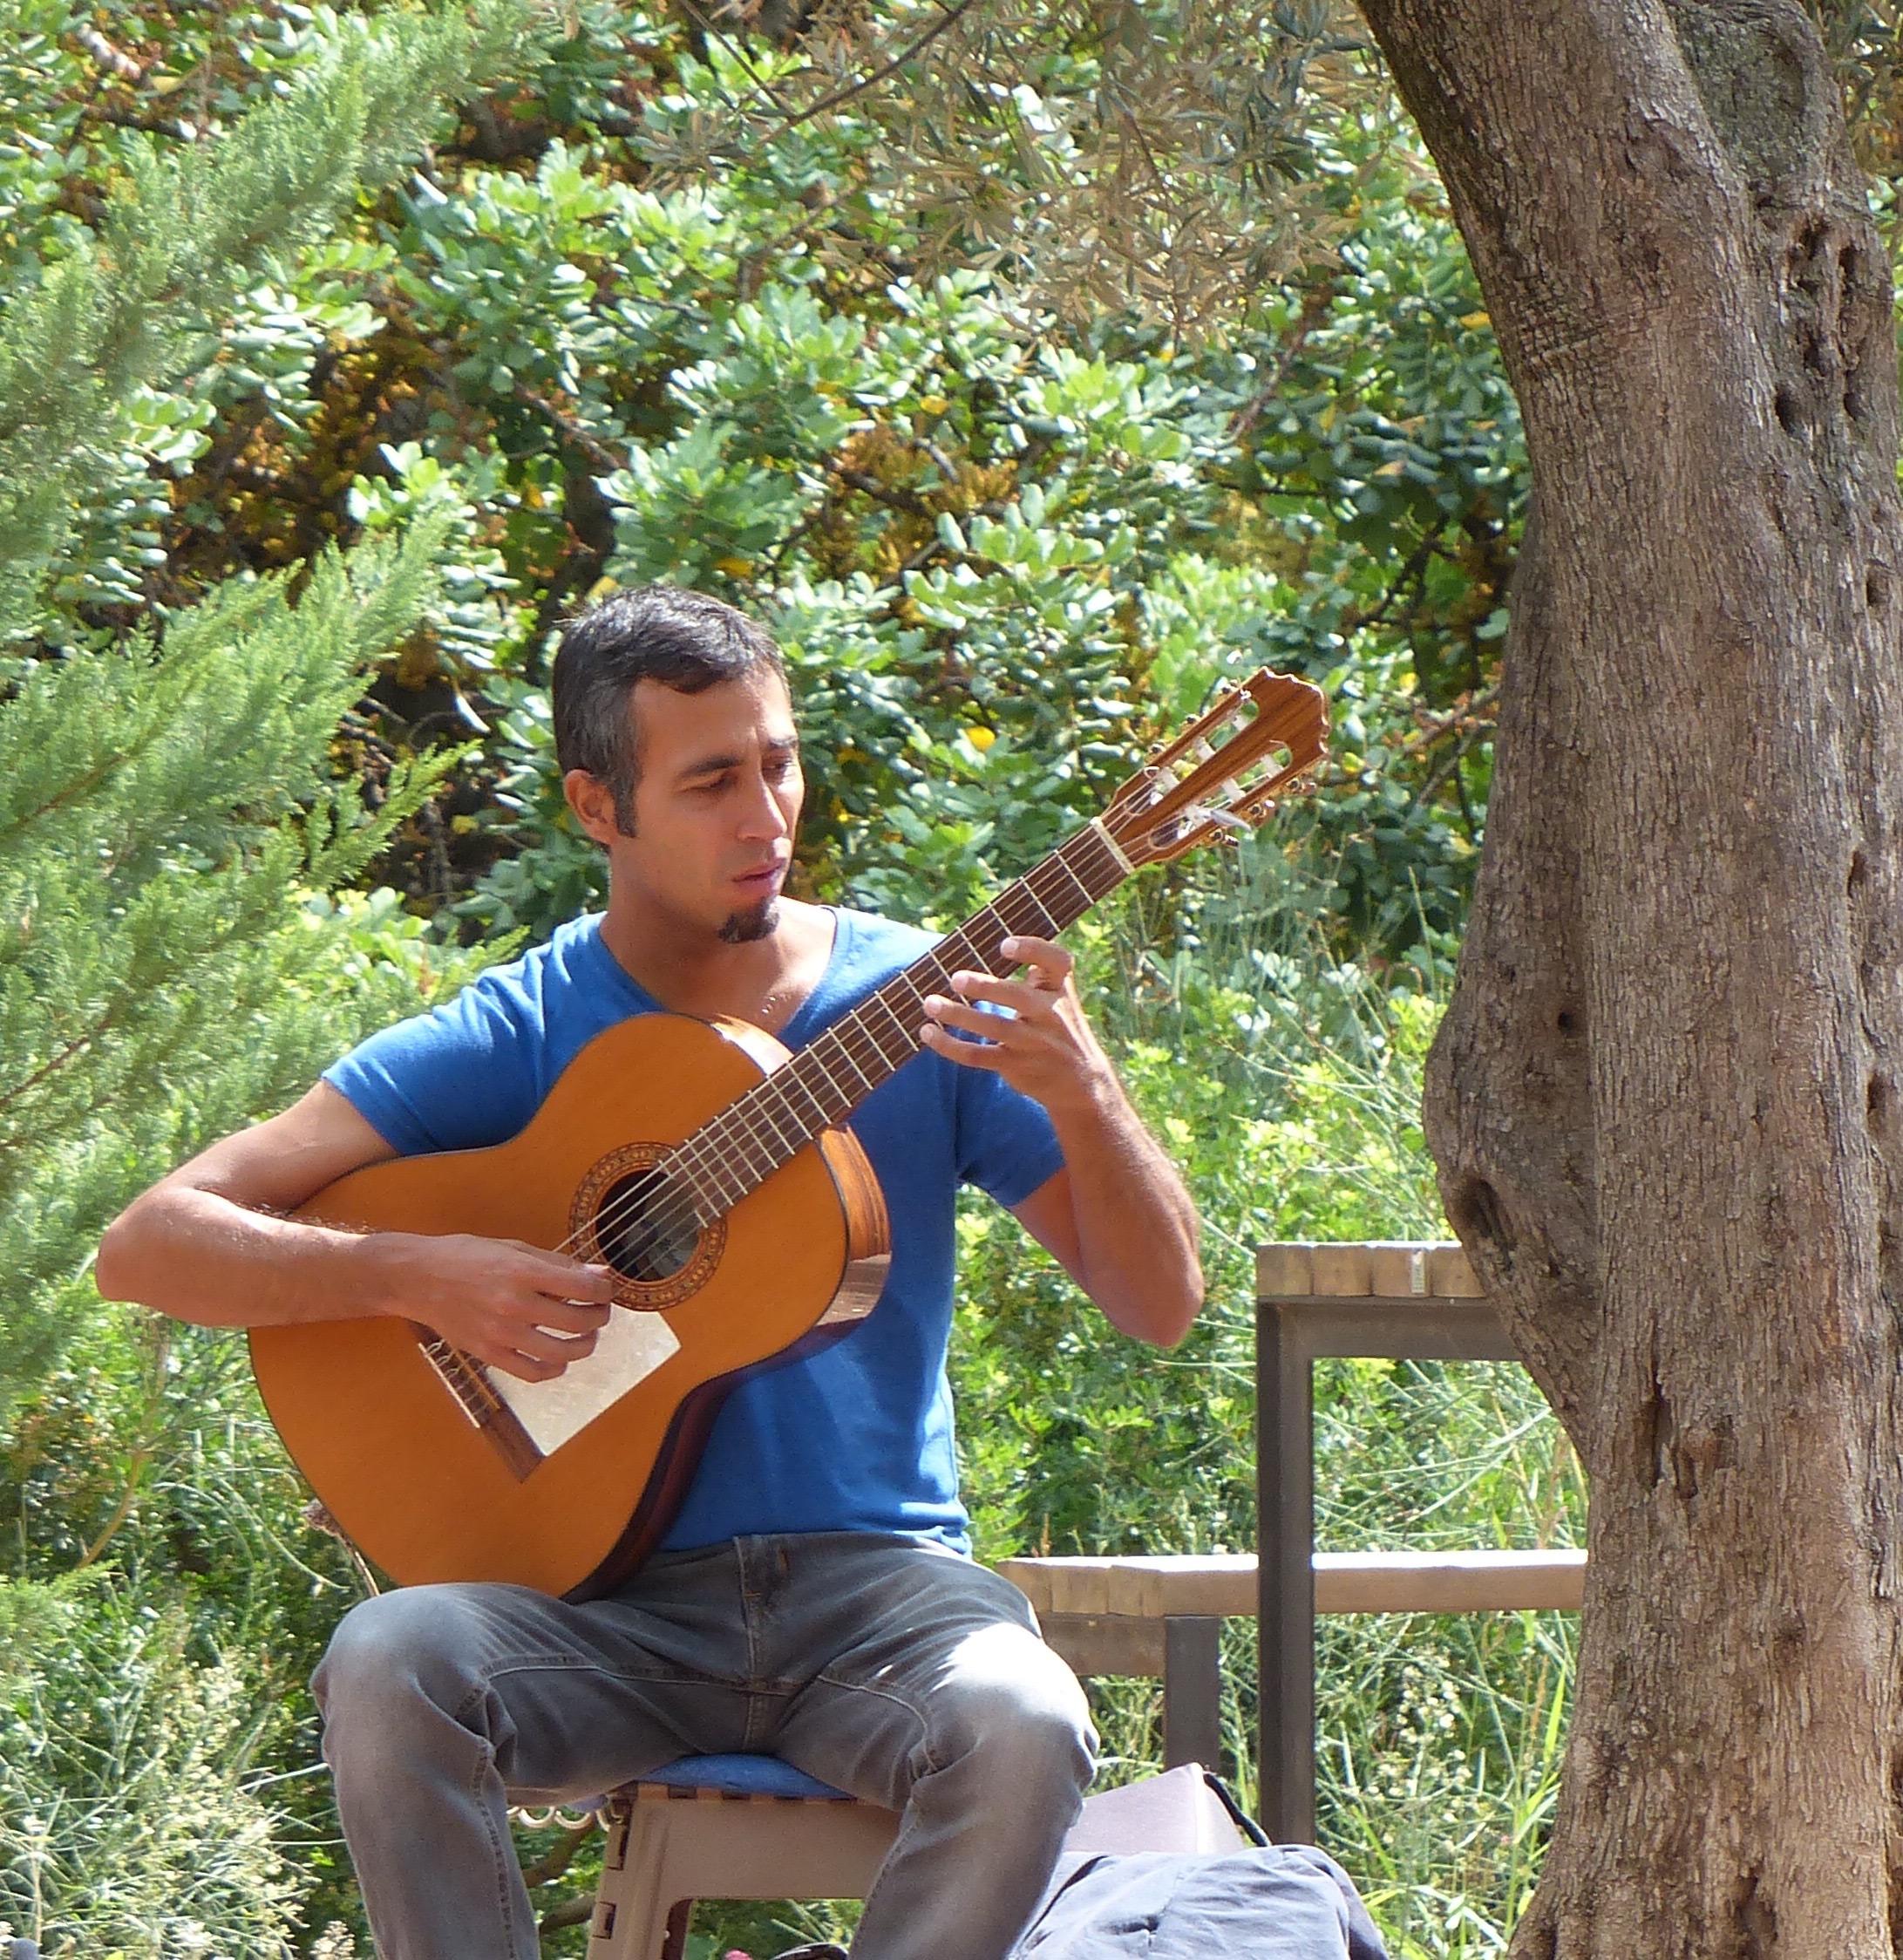 barcelona-musician-parc-guell.jpg